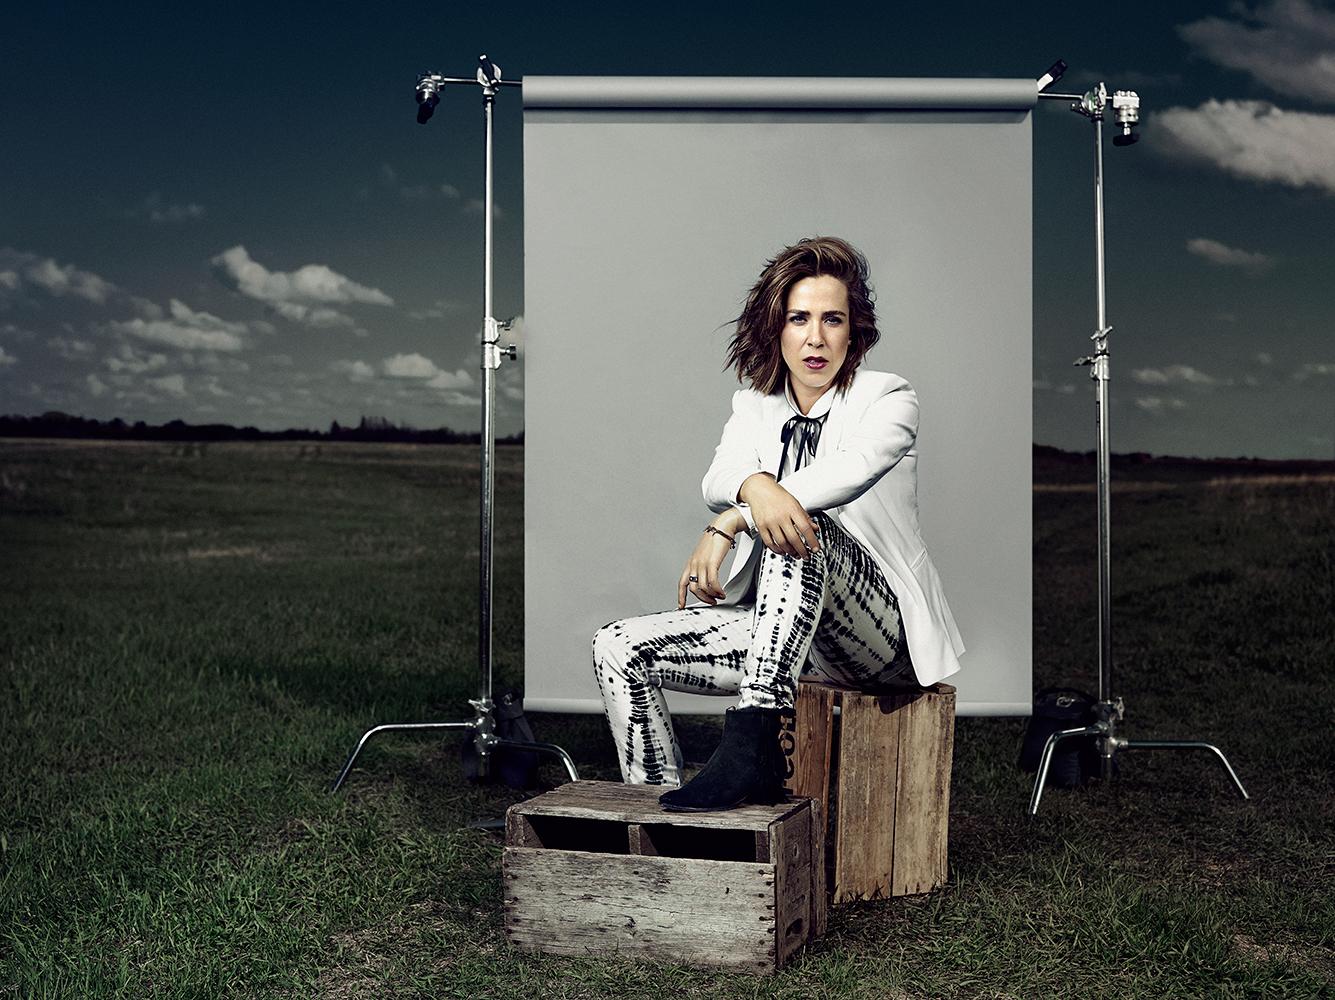 Photo- Kiriako Iatridis for Serena Ryder